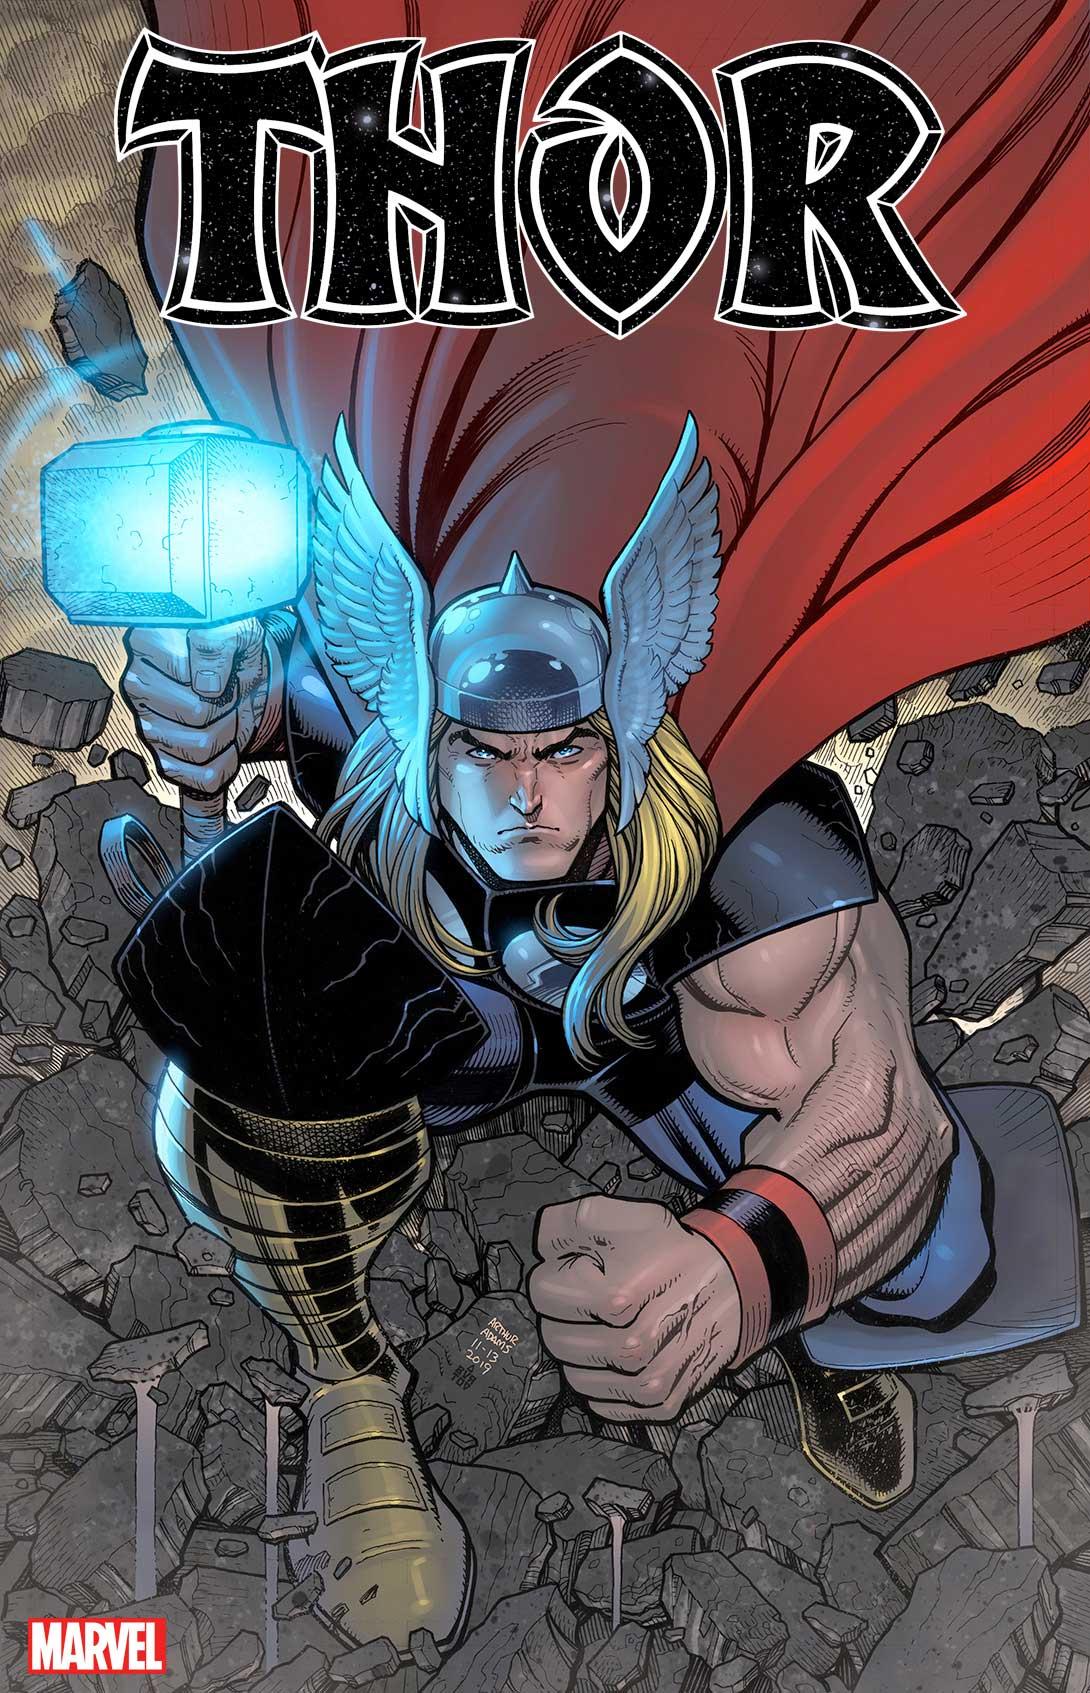 Dessin de Thor tenant son marteau et vêtu de son casque